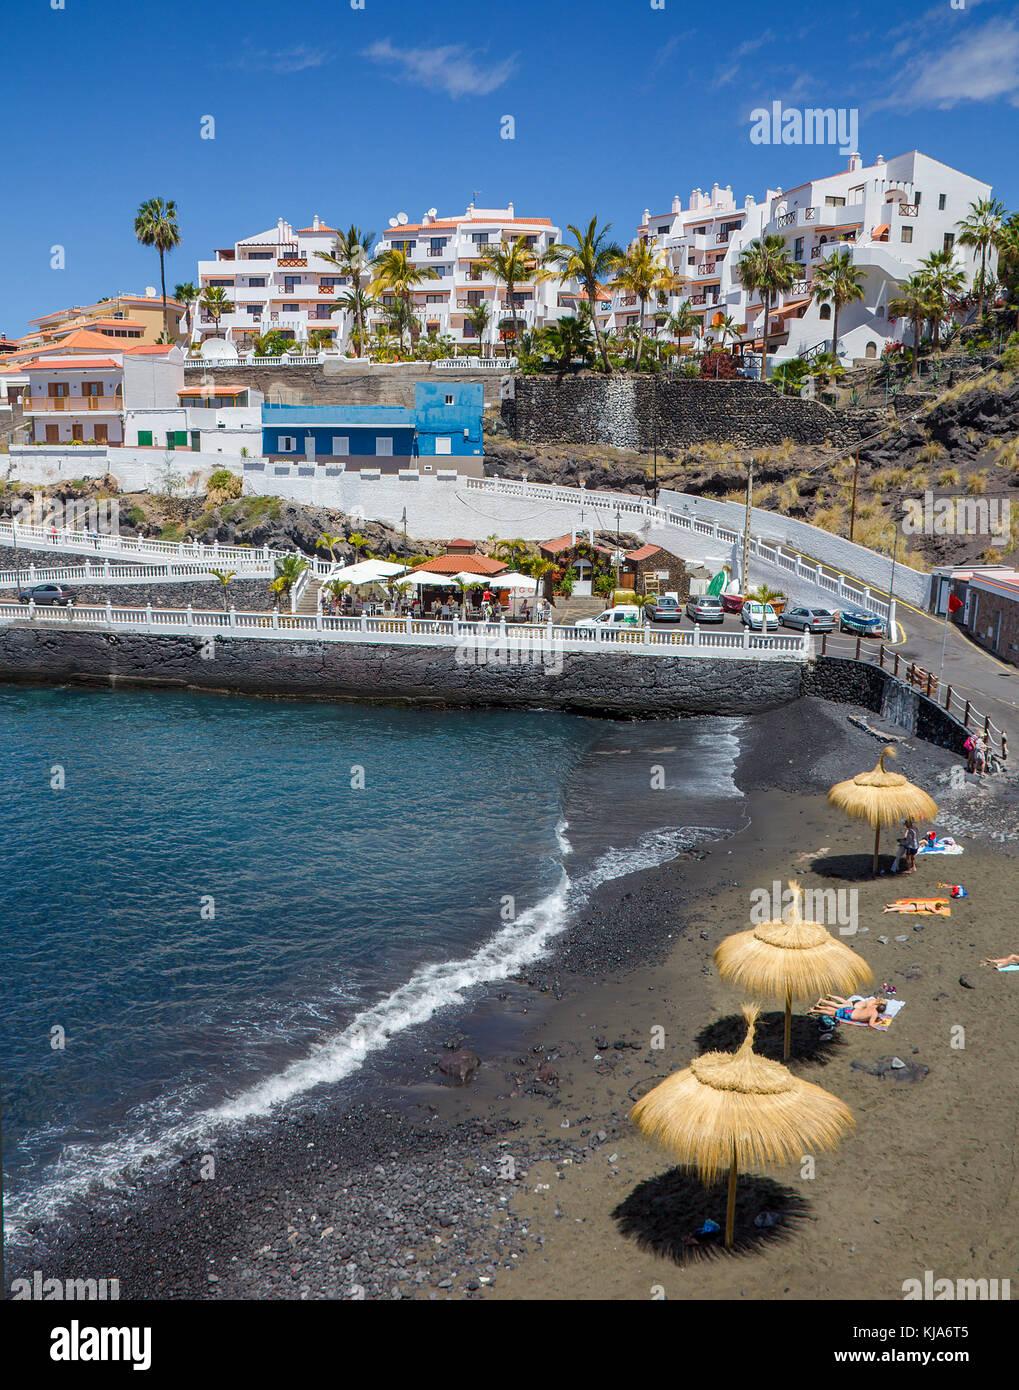 Tiny dark beach  (Piscina los chocos) at village Puerto de Santiago, Tenerife island, Canary islands, Spain - Stock Image